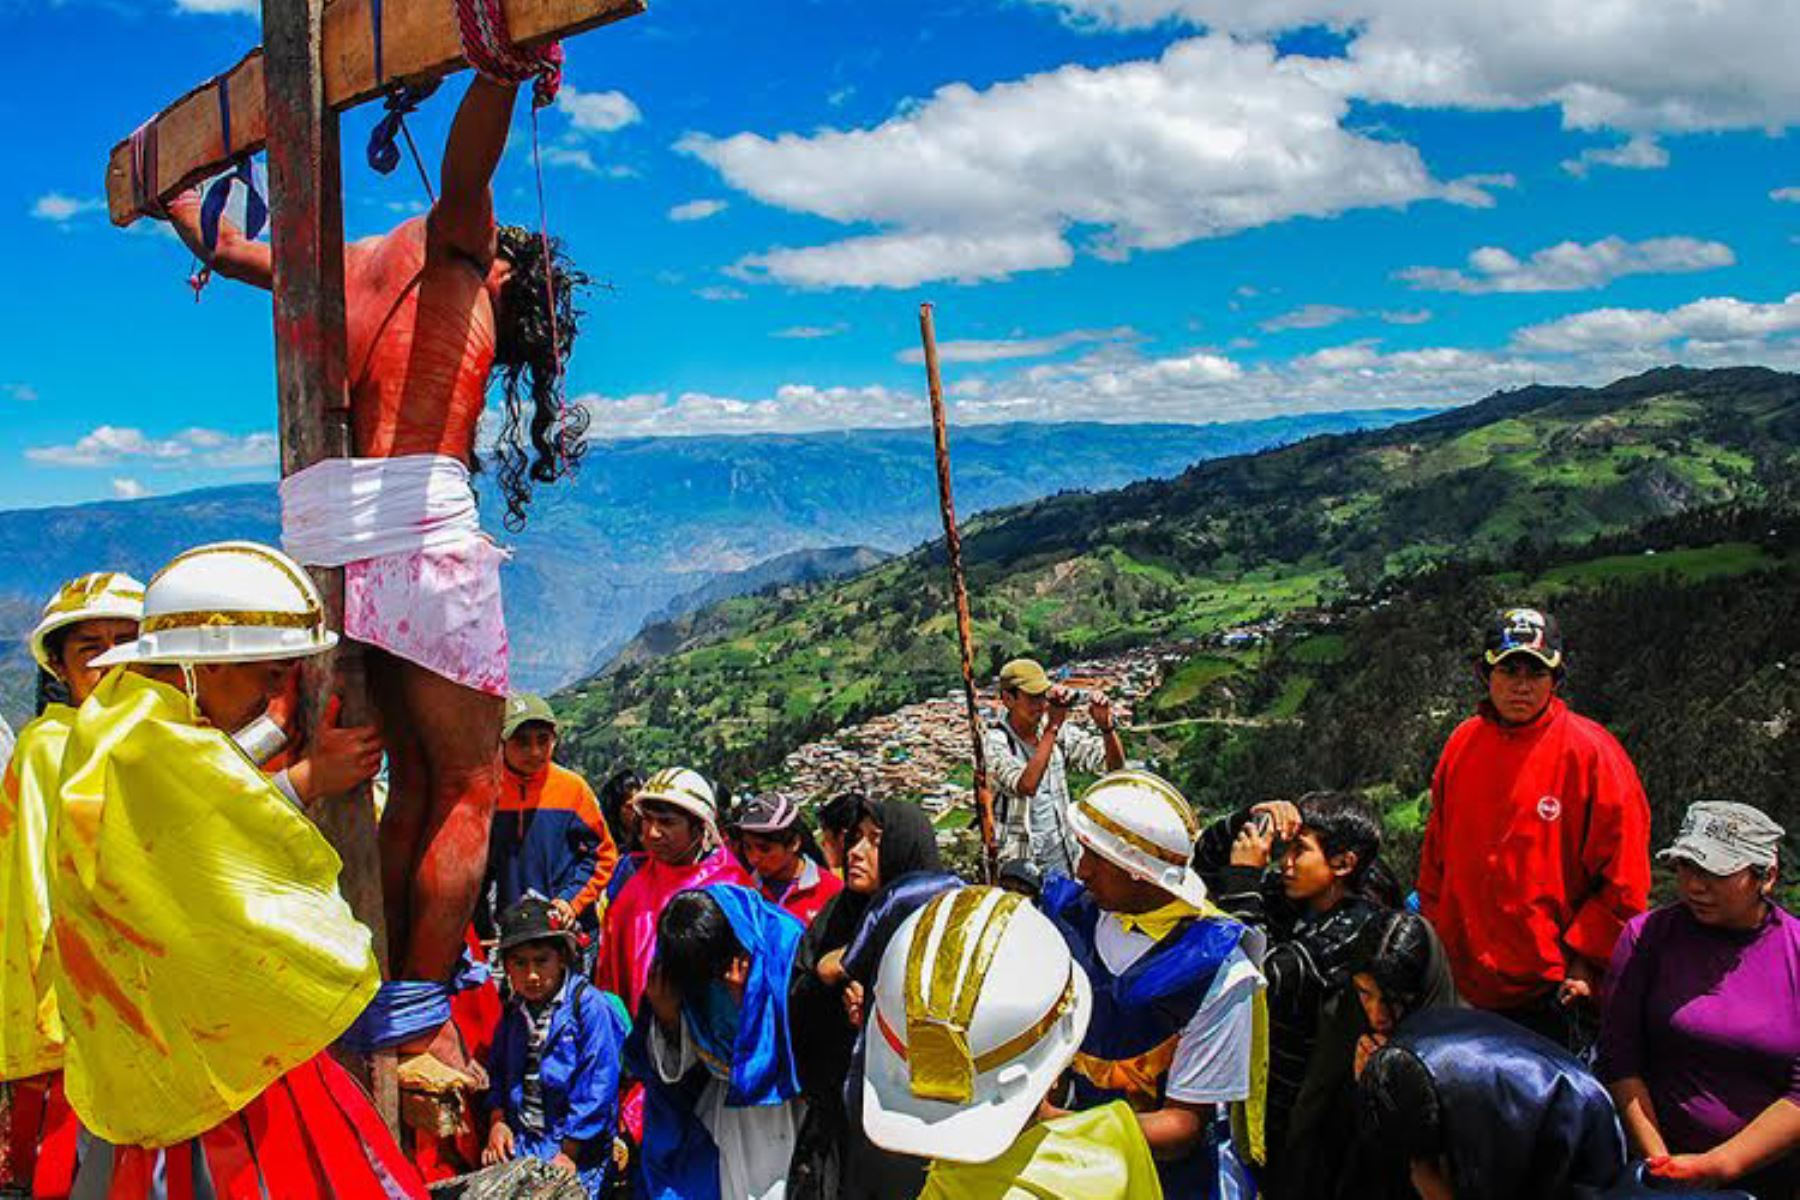 Áncash ofrece numerosos atractivos turísticos para la reflexión durante el feriado largo por Semana Santa. Foto: ANDINA/Gonzalo Horna